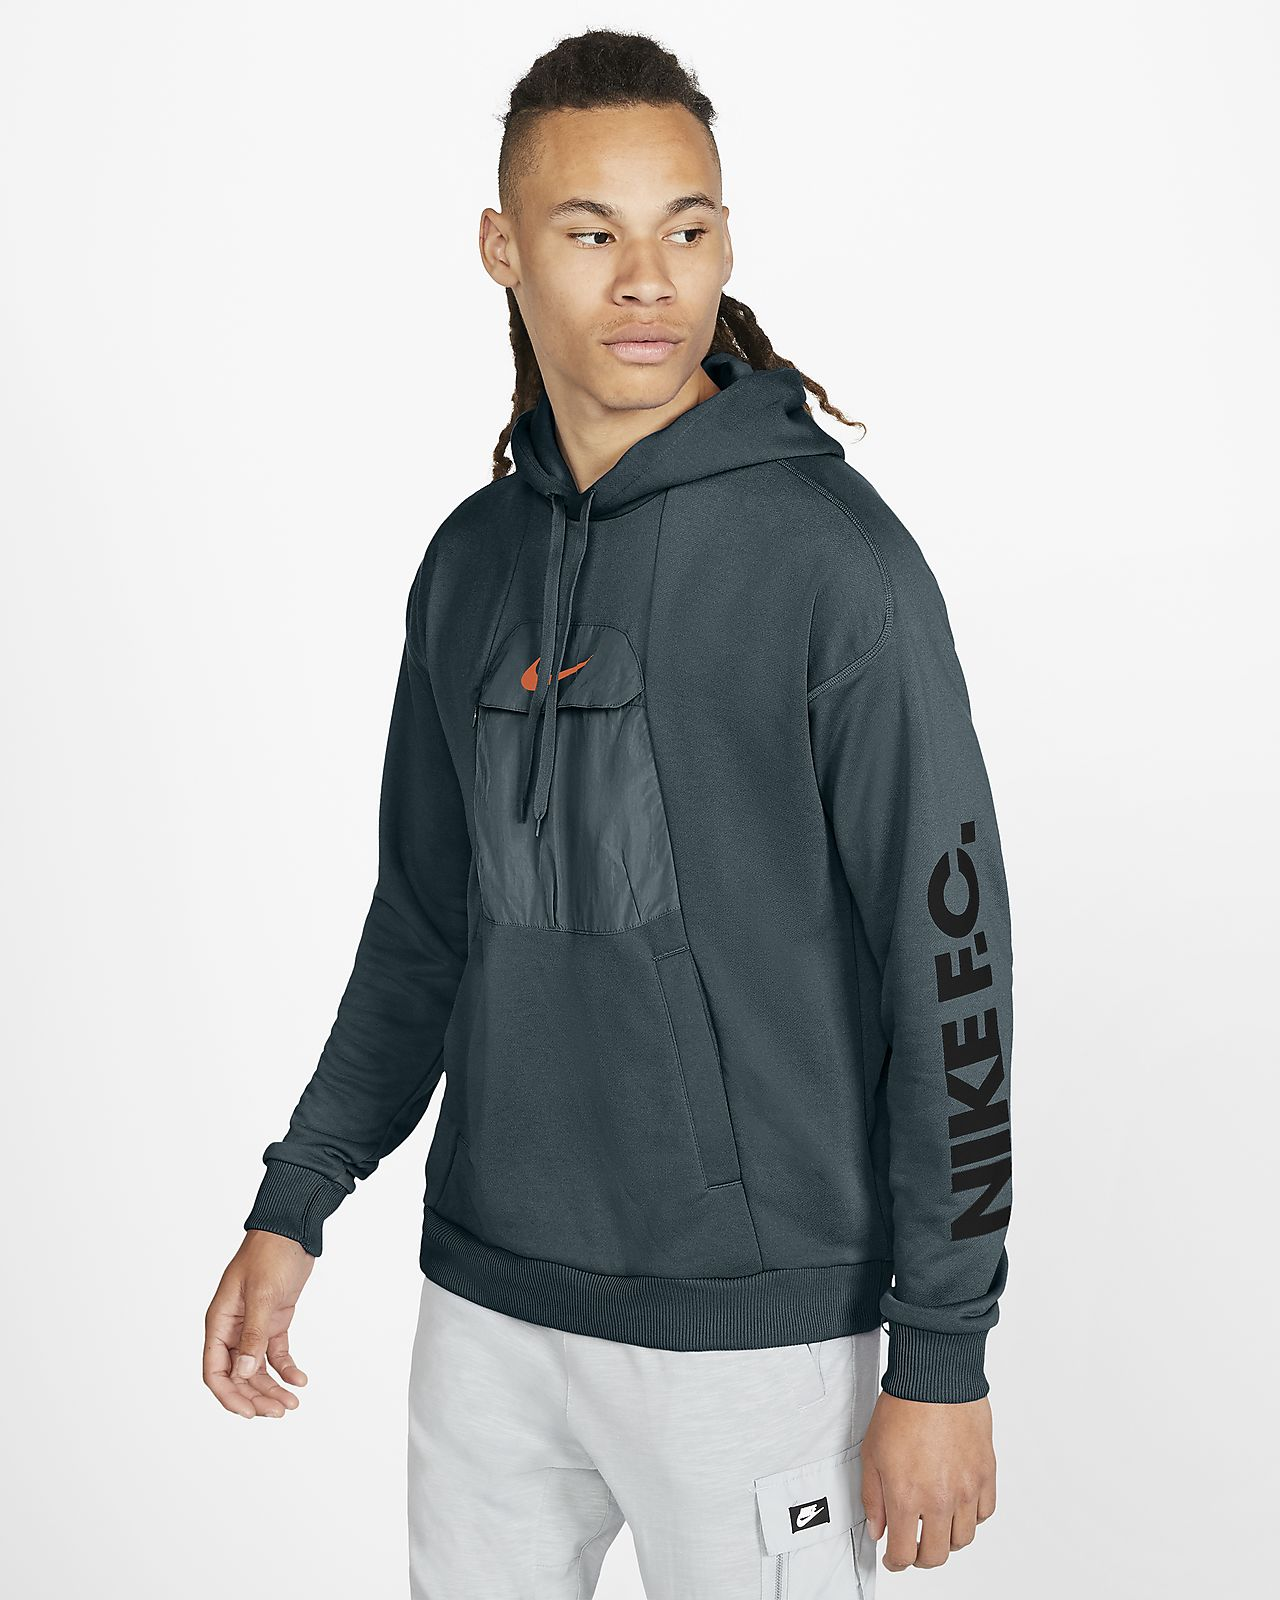 Nike F.C. Men's Pullover Football Hoodie